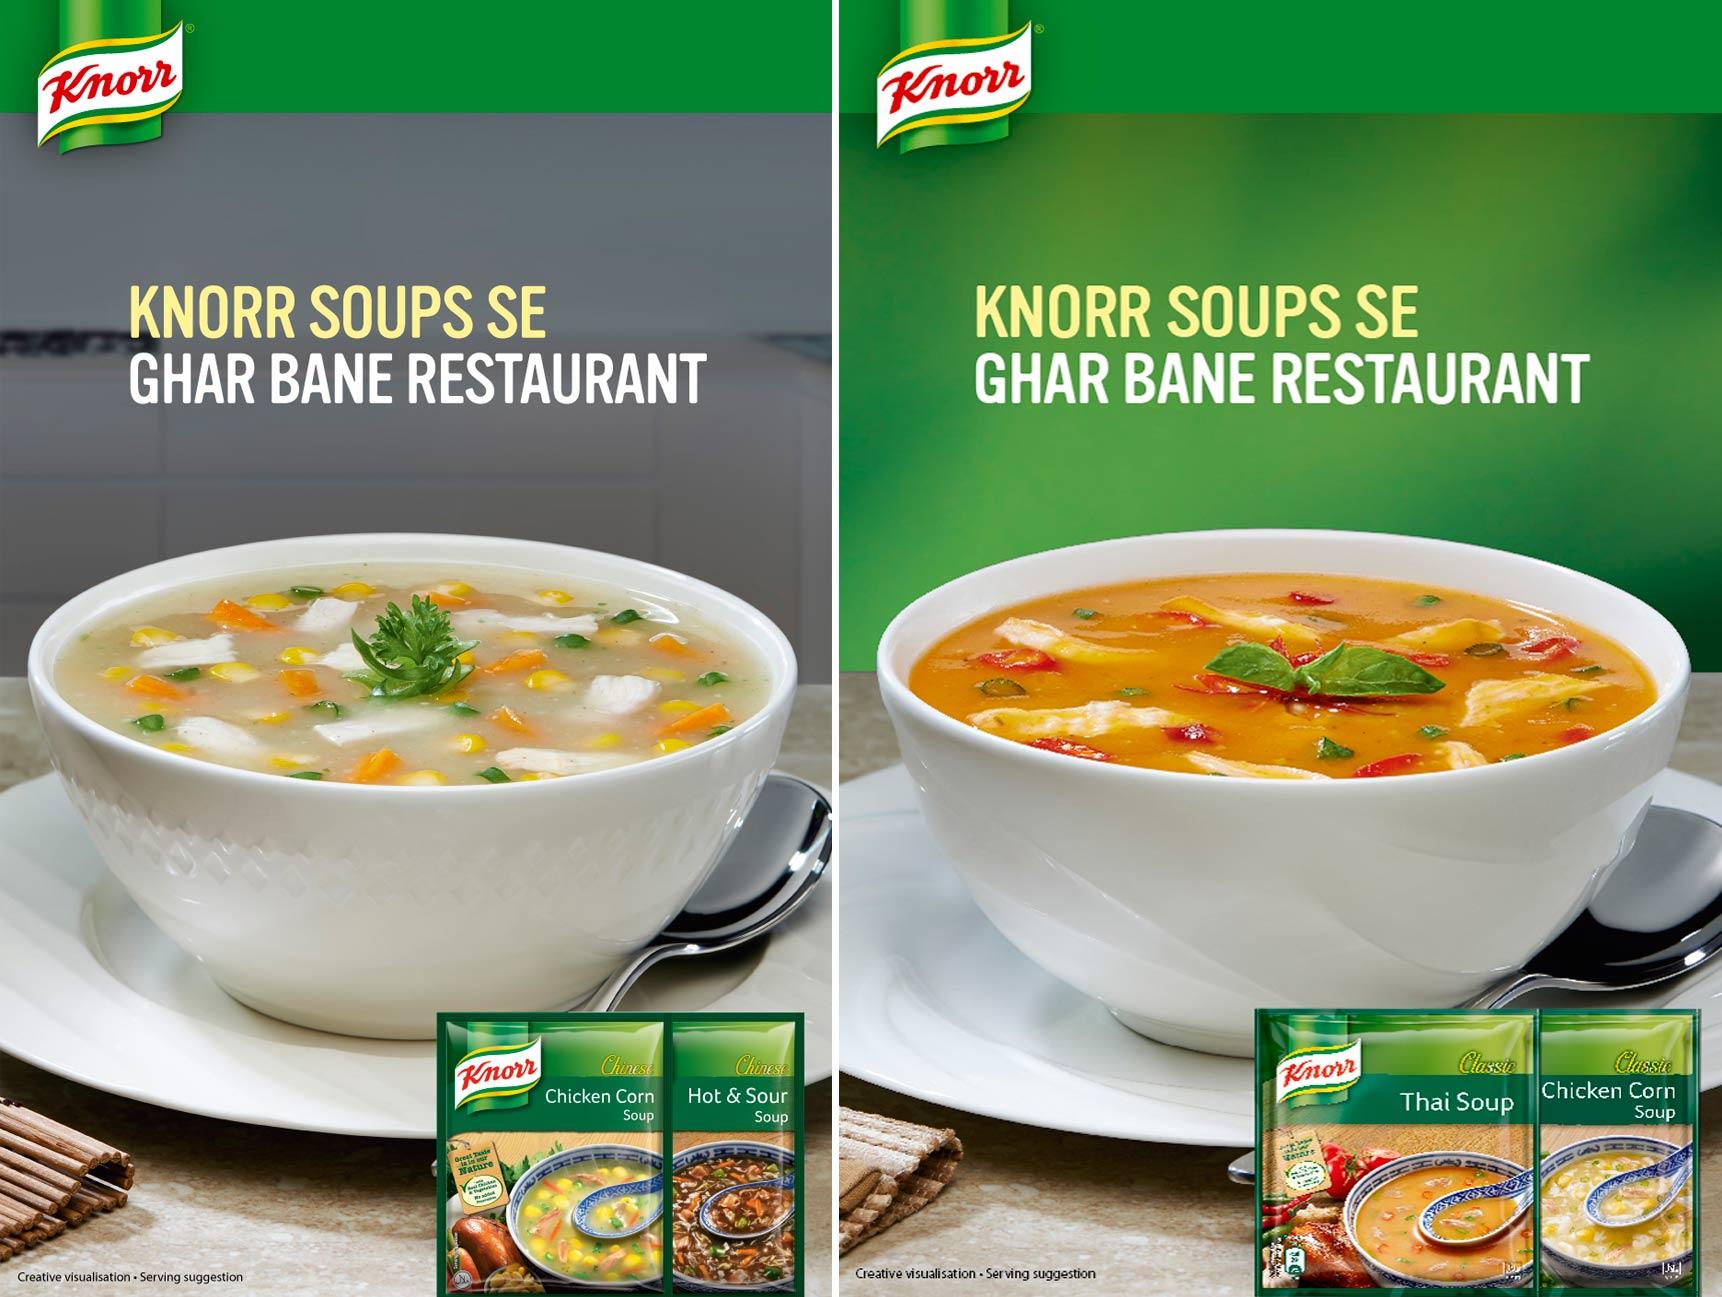 Kiran Kumar+Food photographer+knorr-soups.jpg